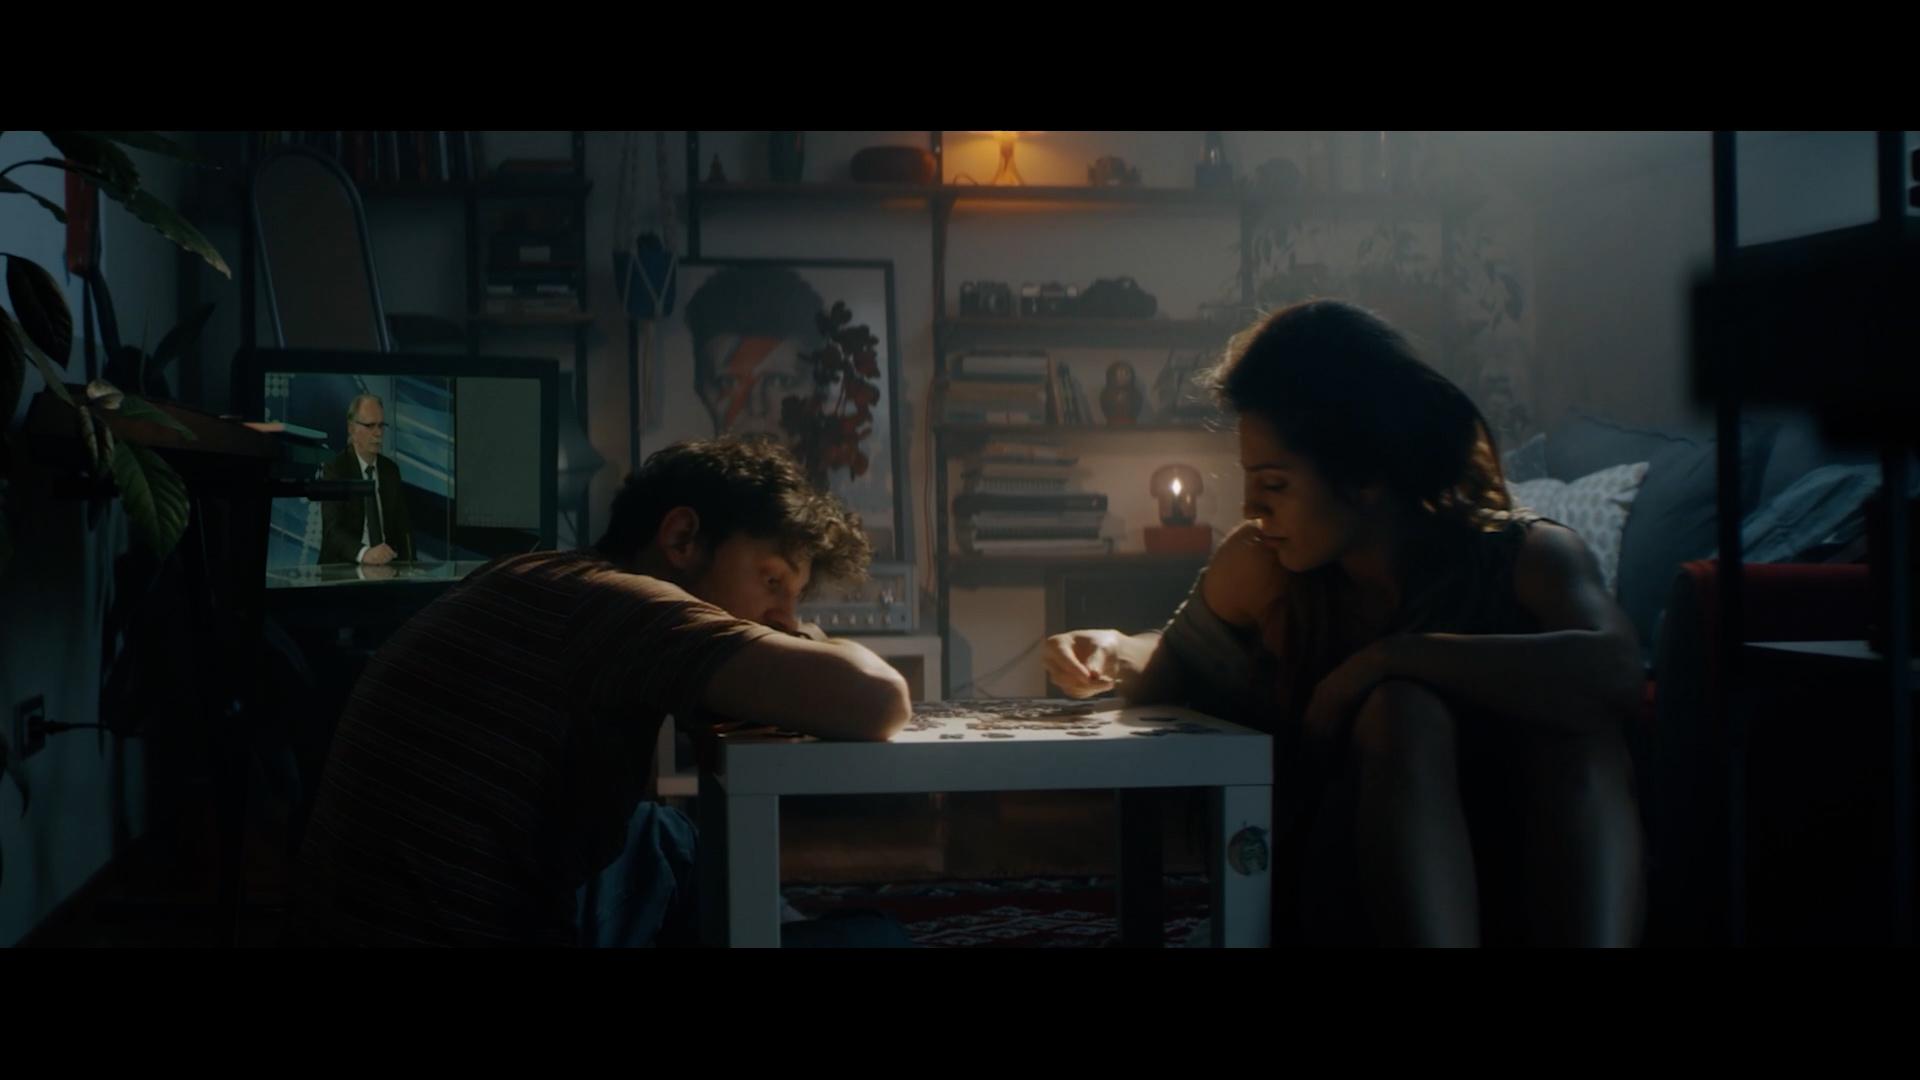 EXIT Пуска Кратко Филмче за Гледната Точка на Младите Хора по Повод Пандемията.